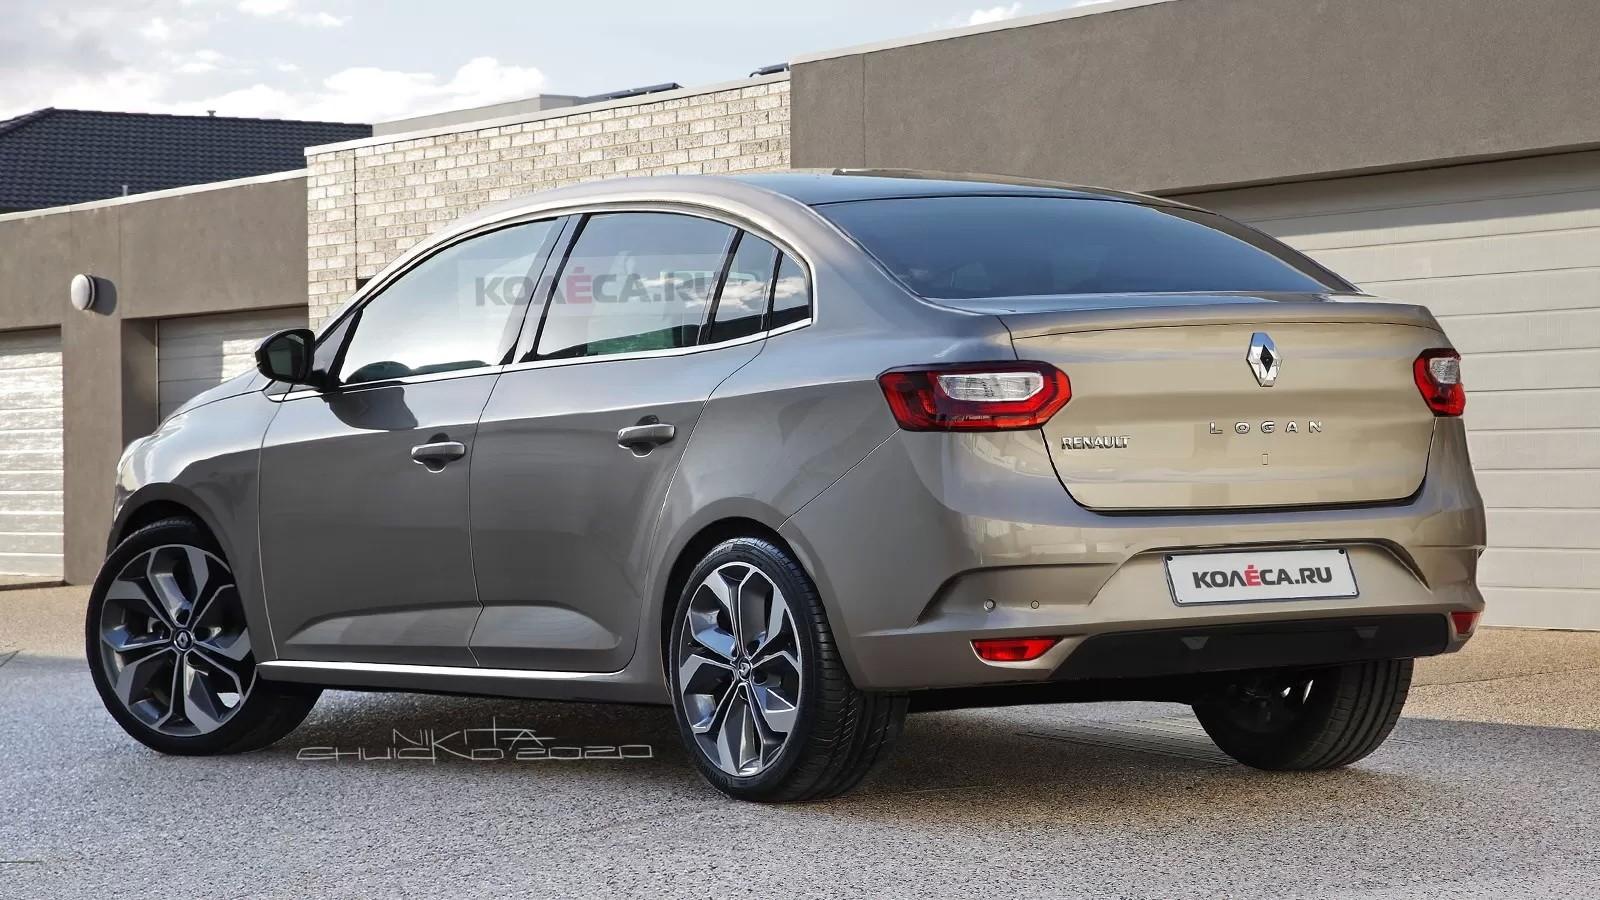 Dacia-Logan-2021-rendering-2